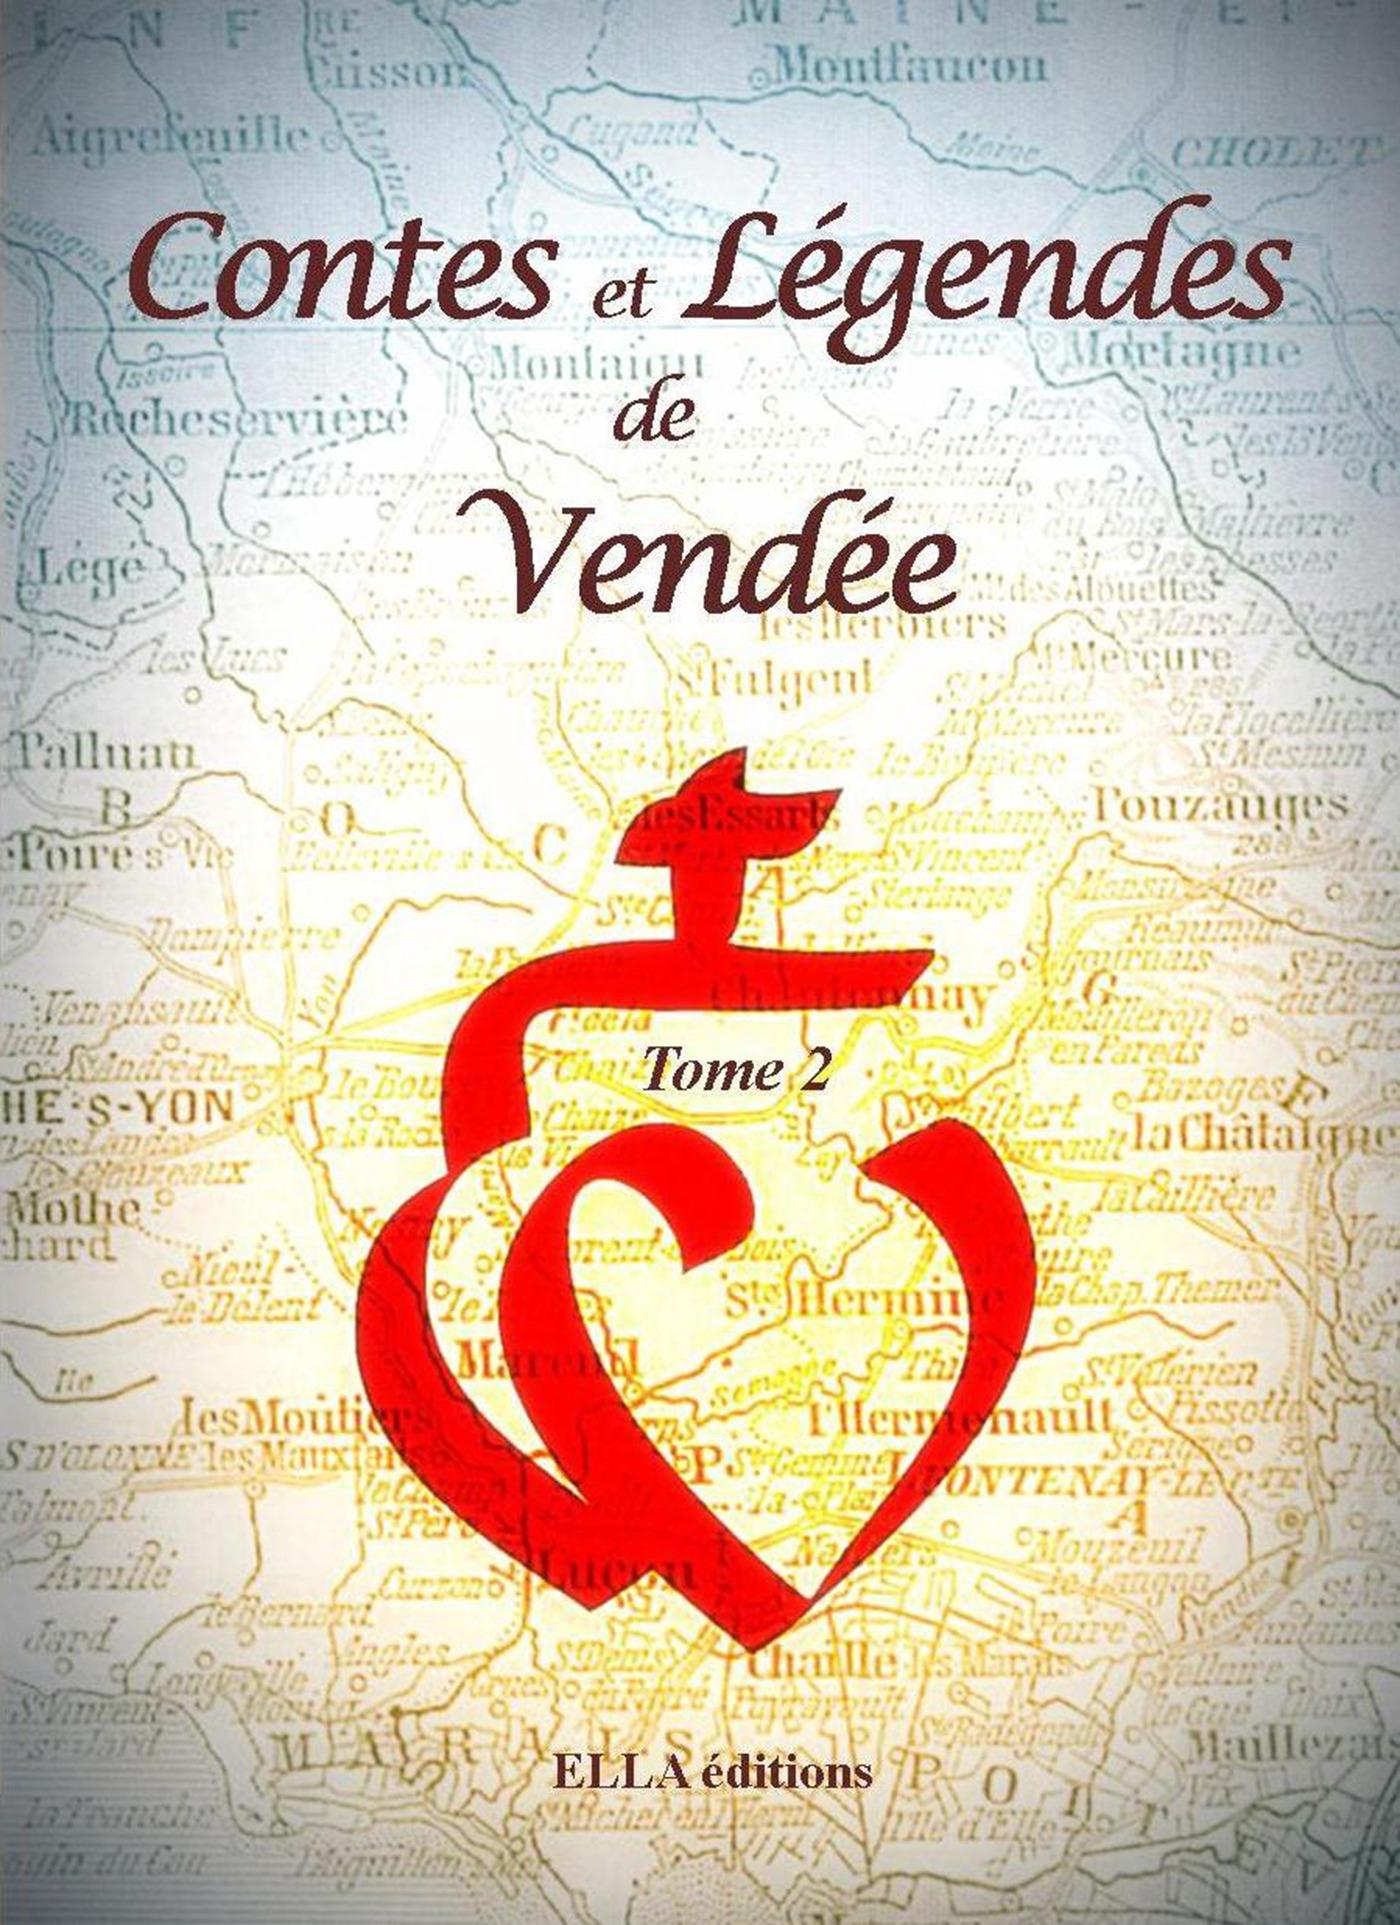 Contes et legendes de vendée t.2